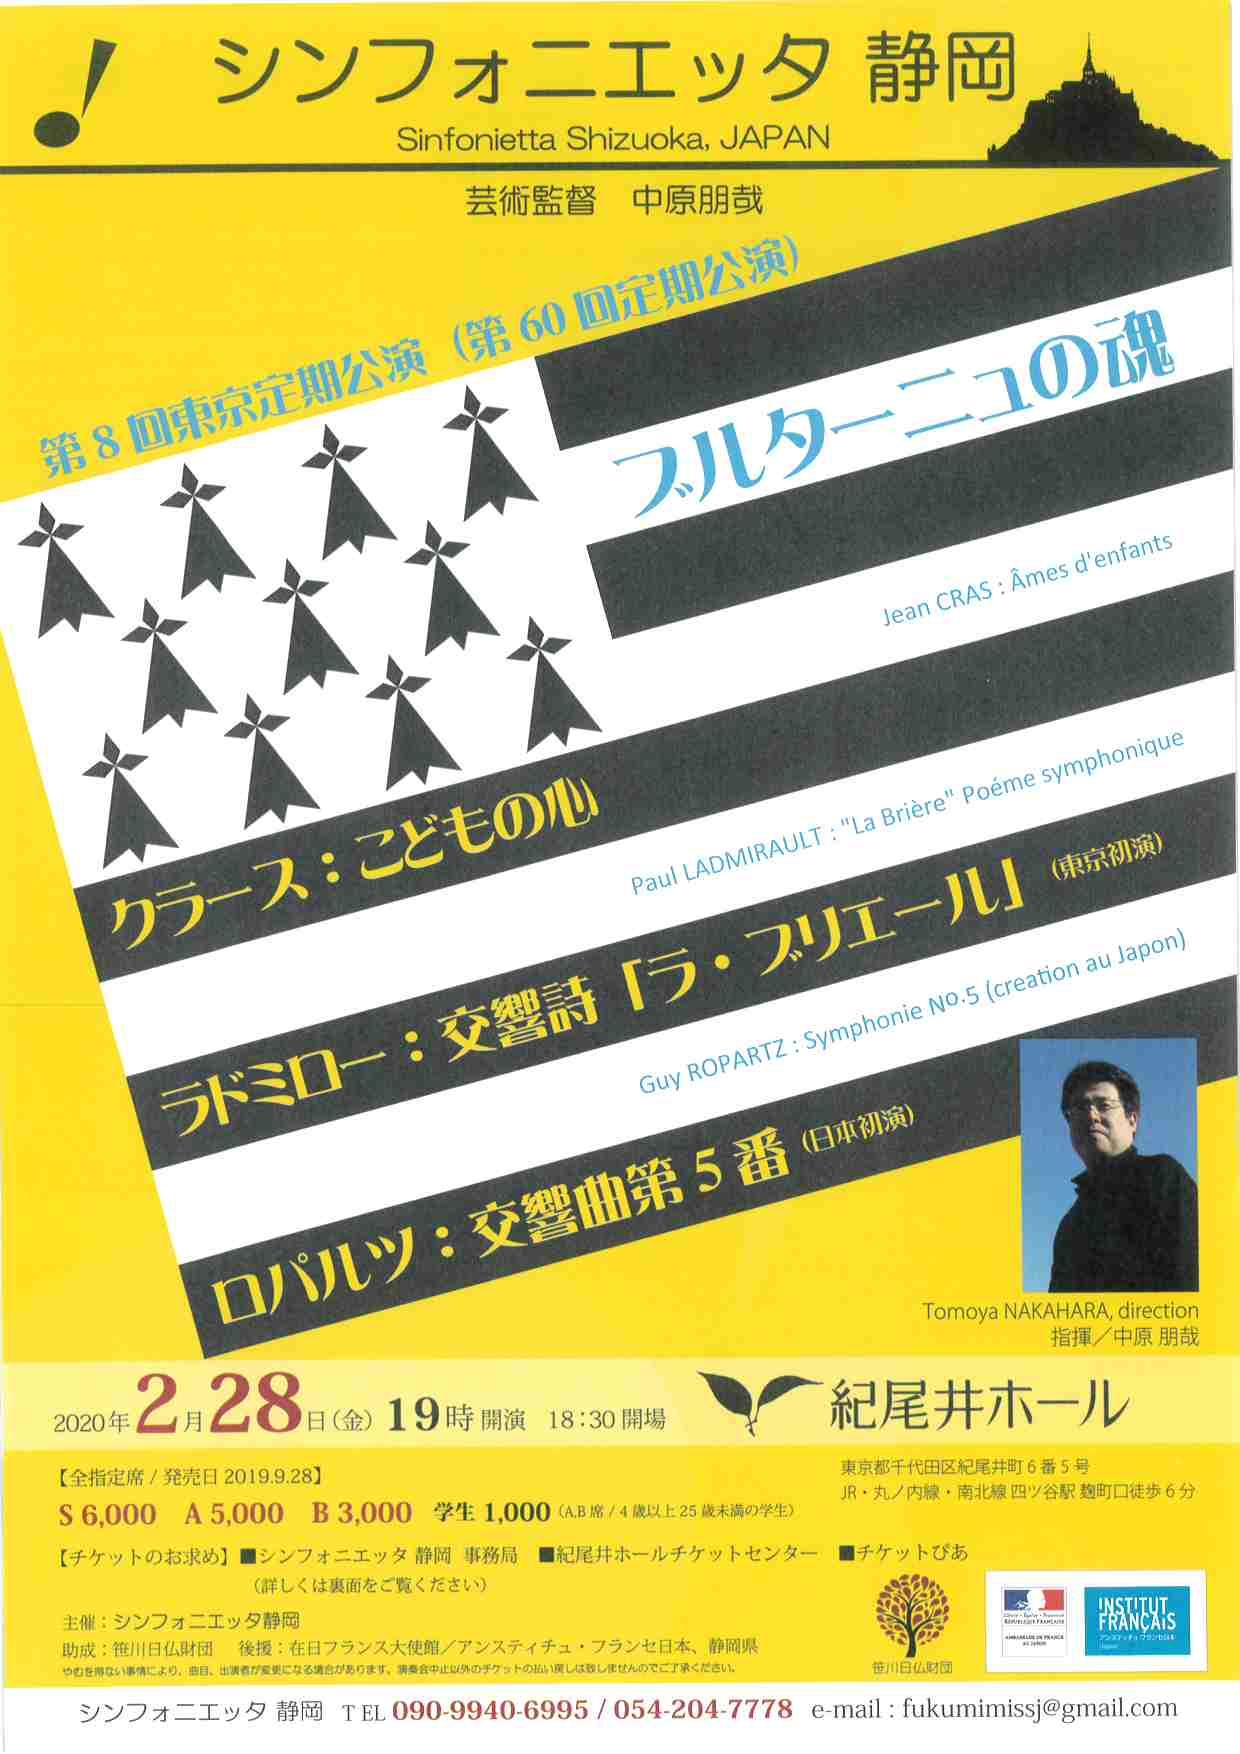 シンフォニエッタ 静岡 第8回東京定期公演(第60回定期公演)